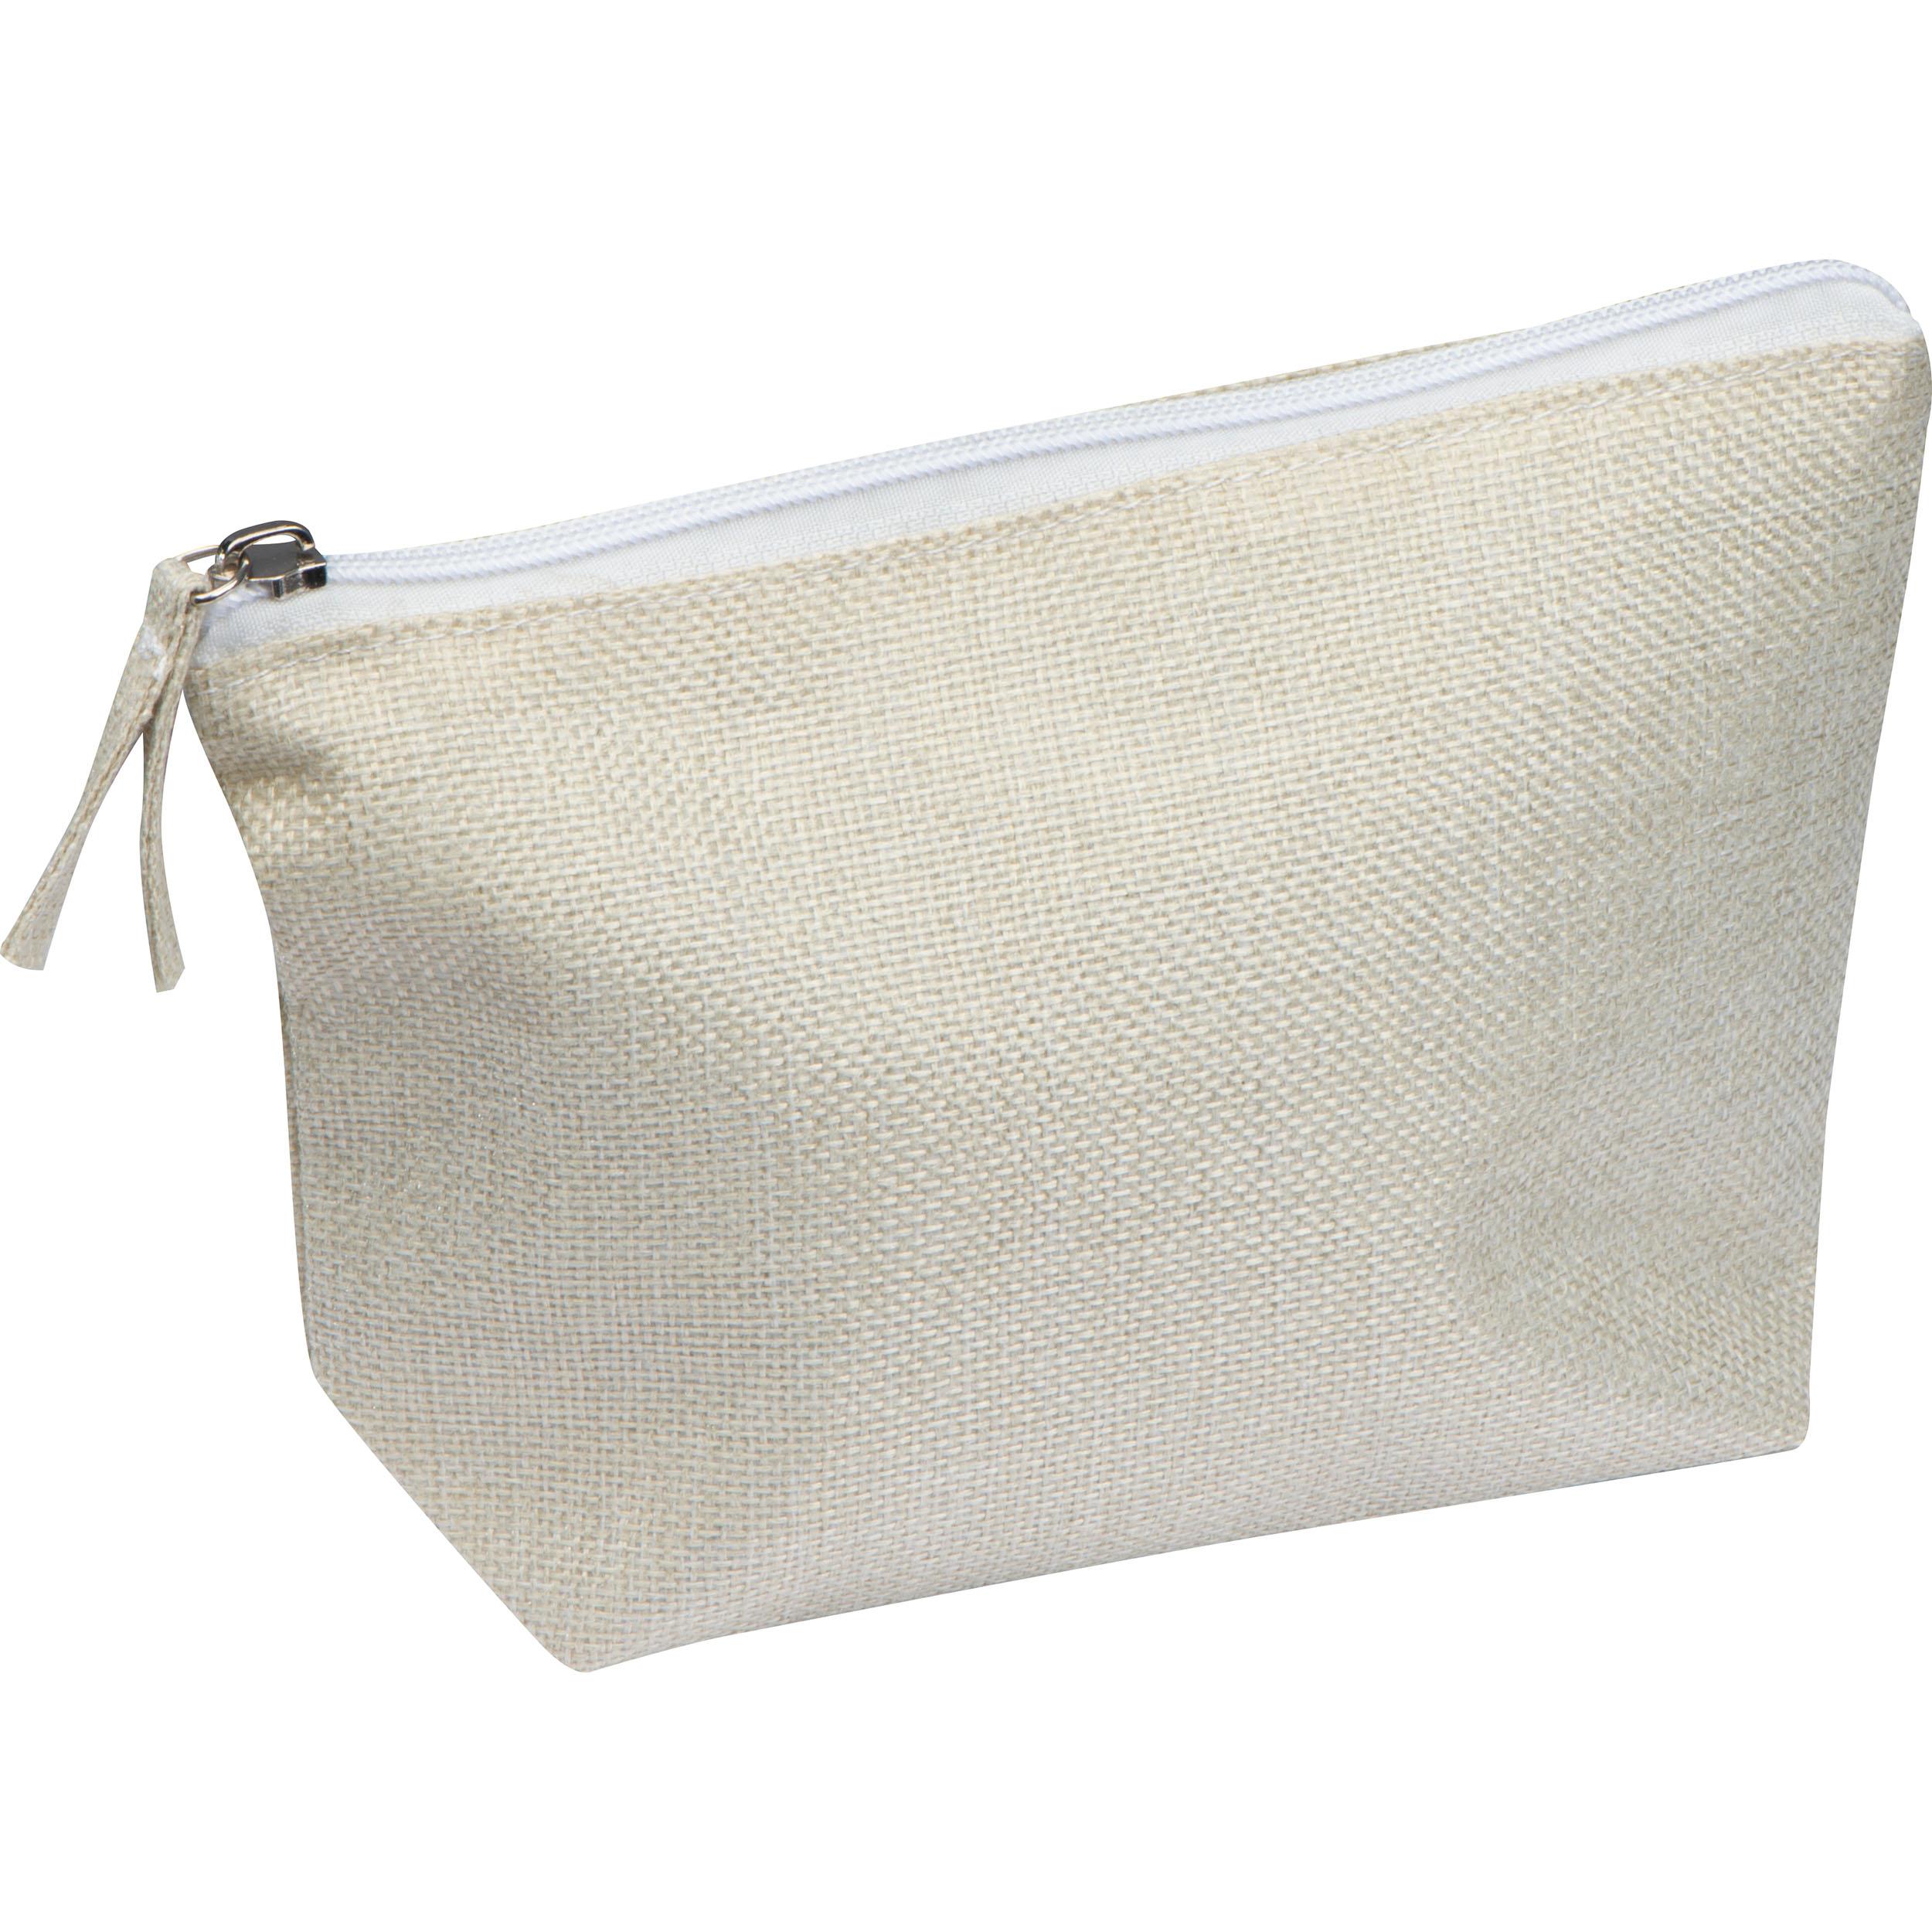 Sac à cosmétiques en polyester, adapté à l'impression par sublimation